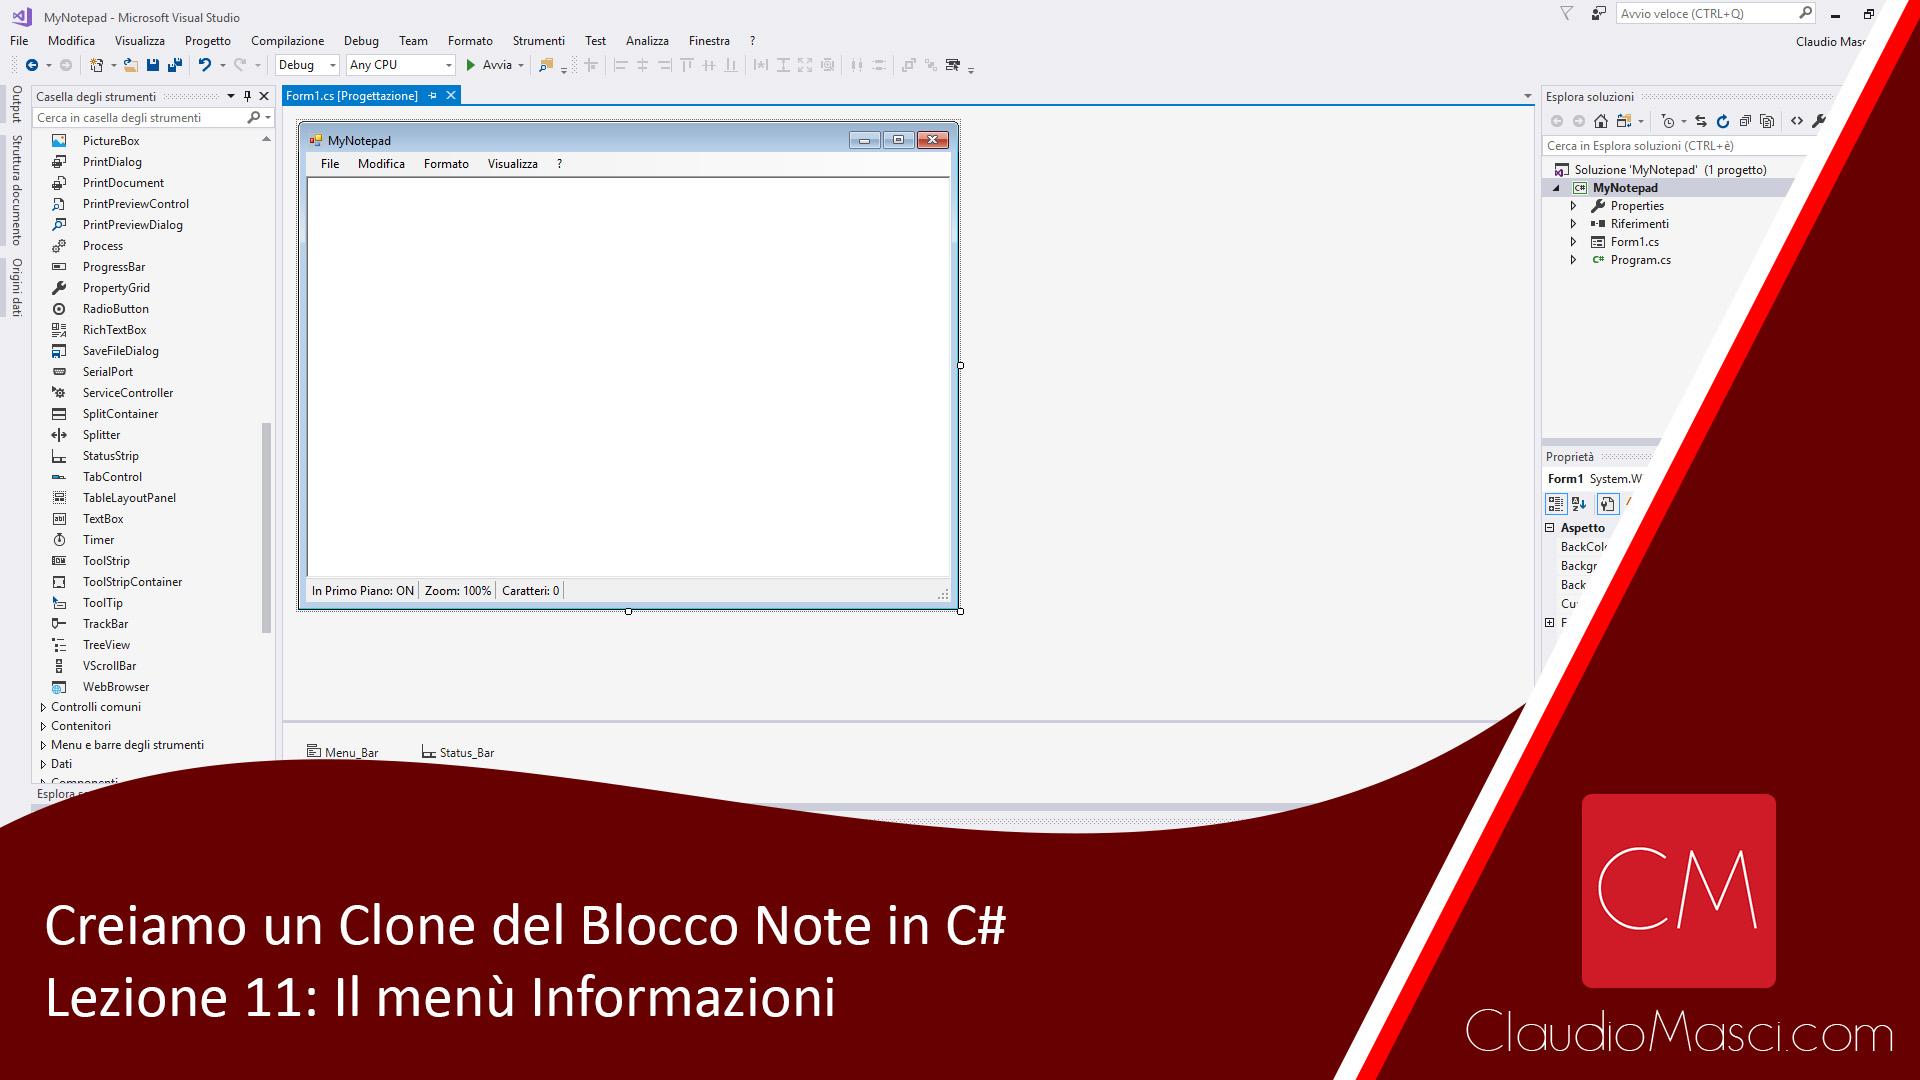 Creiamo un clone del Blocco Note in C# – Lezione 11: Il Menù Informazioni